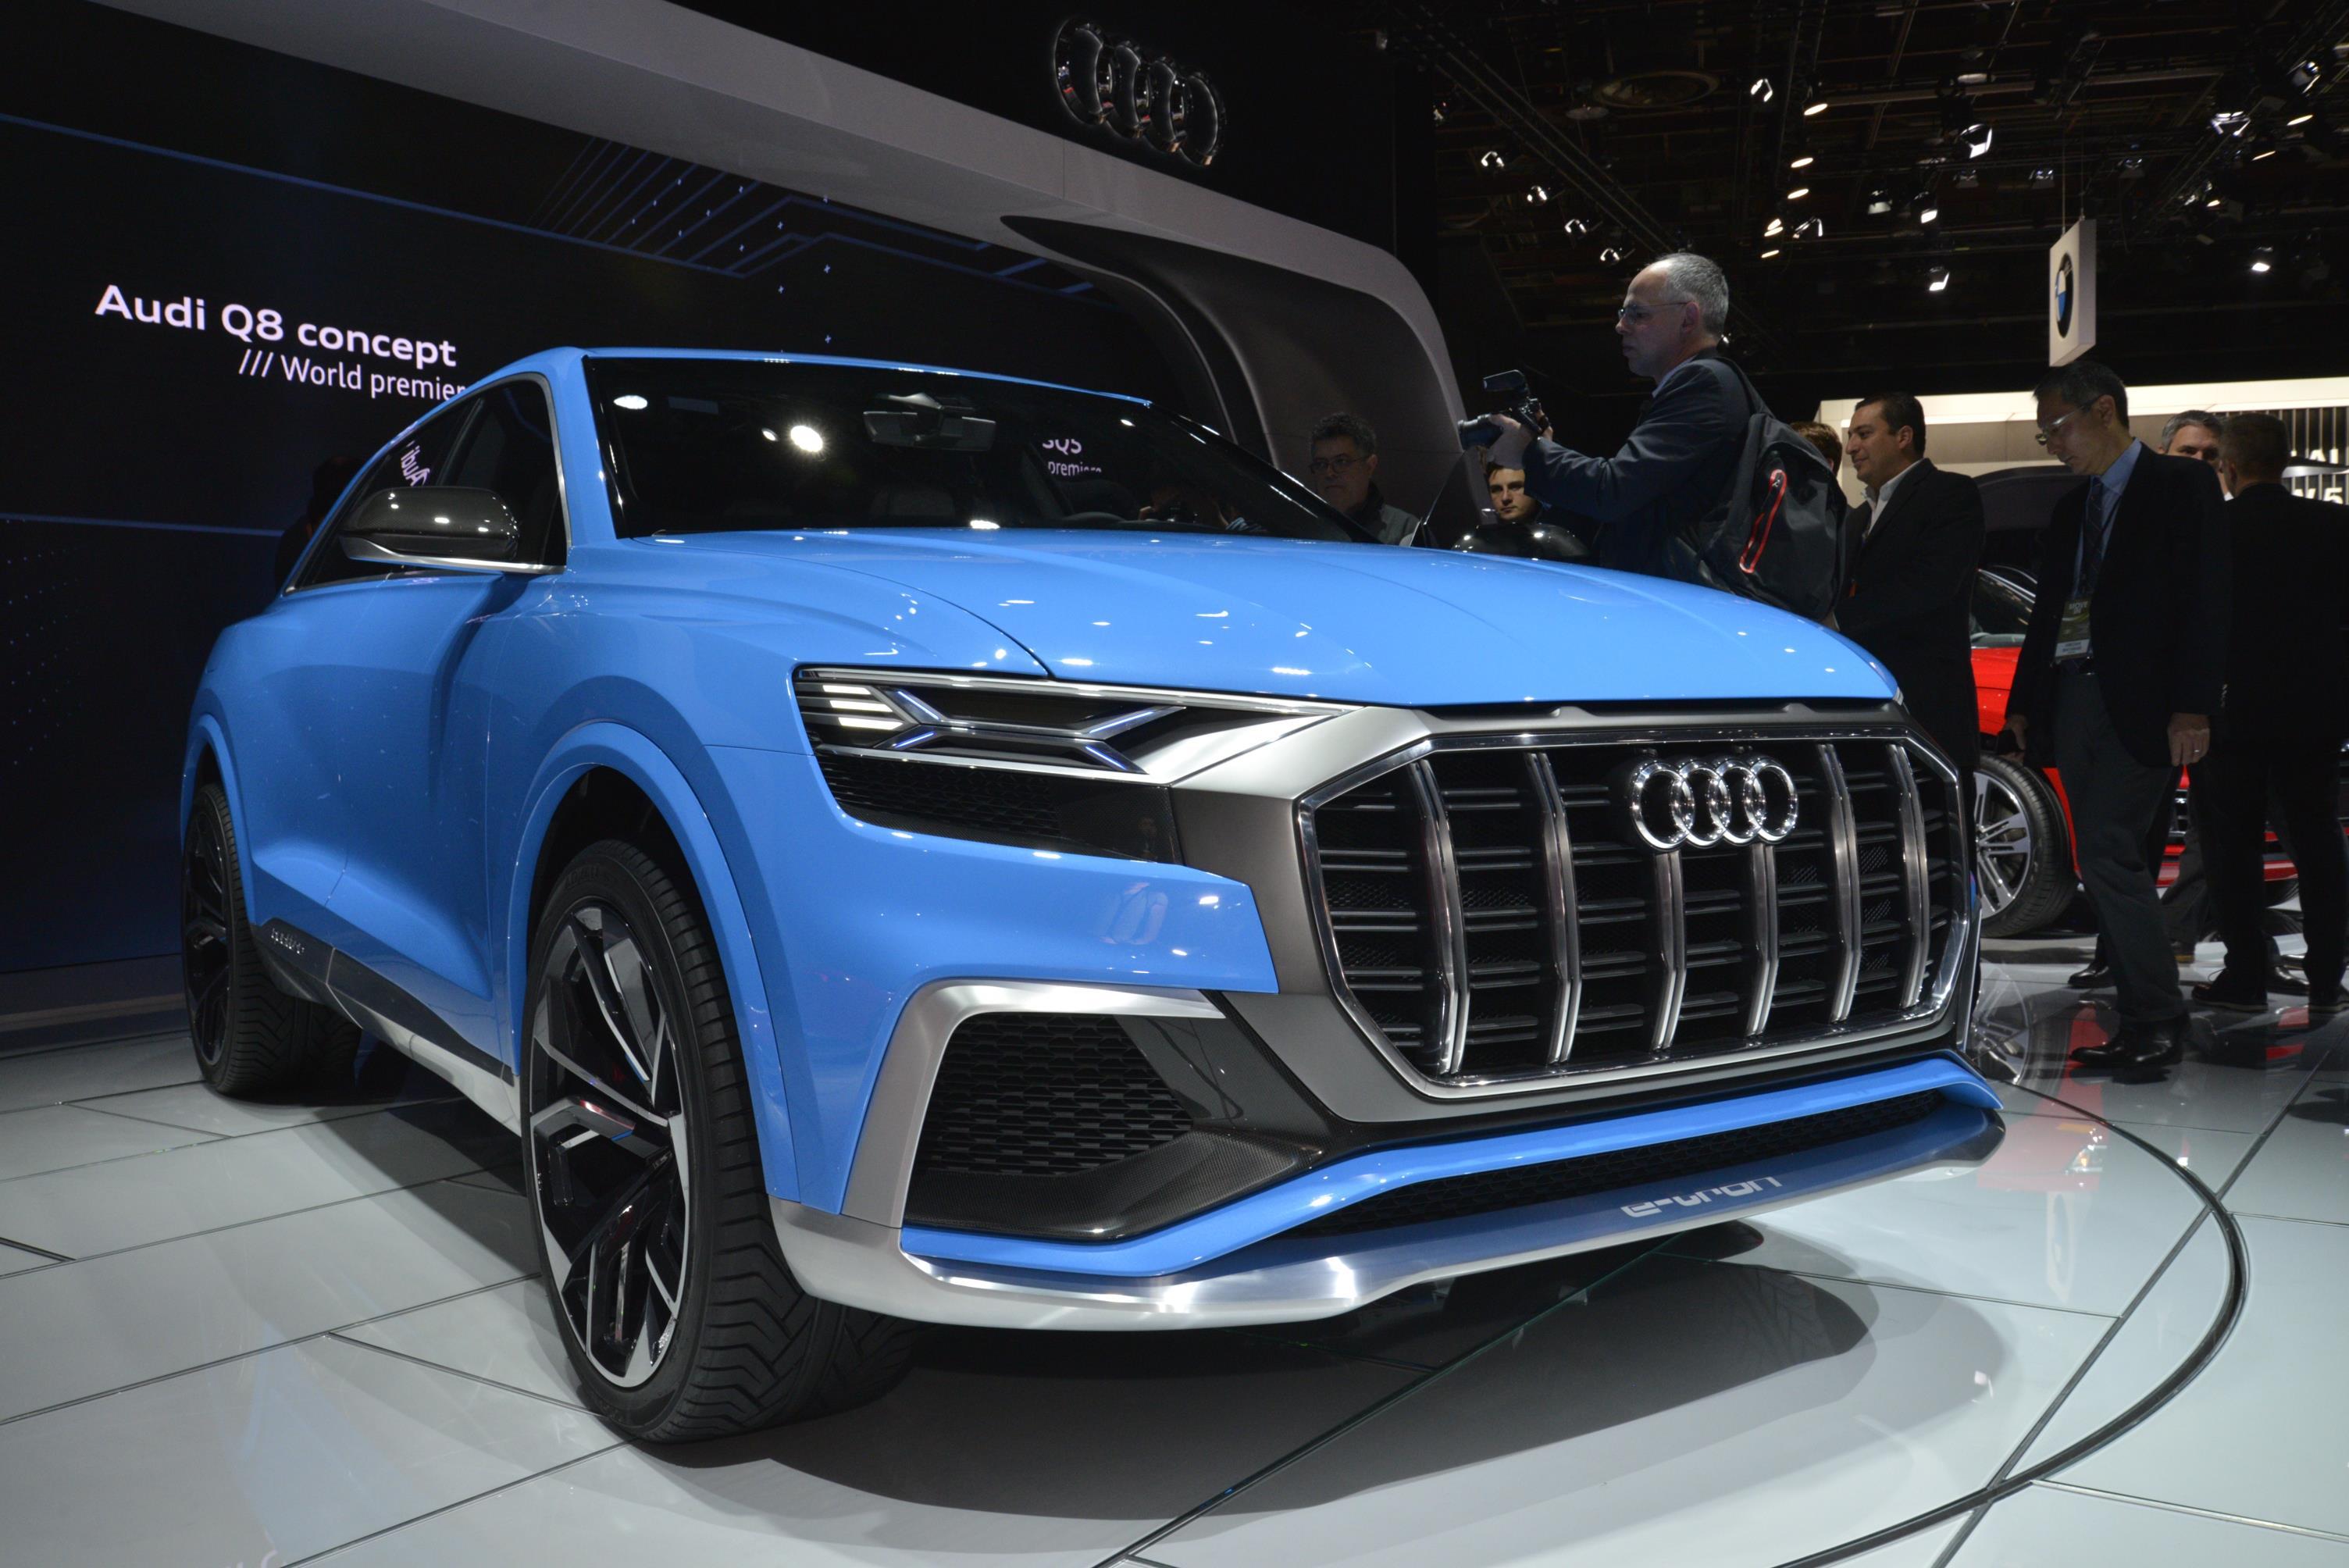 audi q8 concept s bombay blue paint brightens detroit